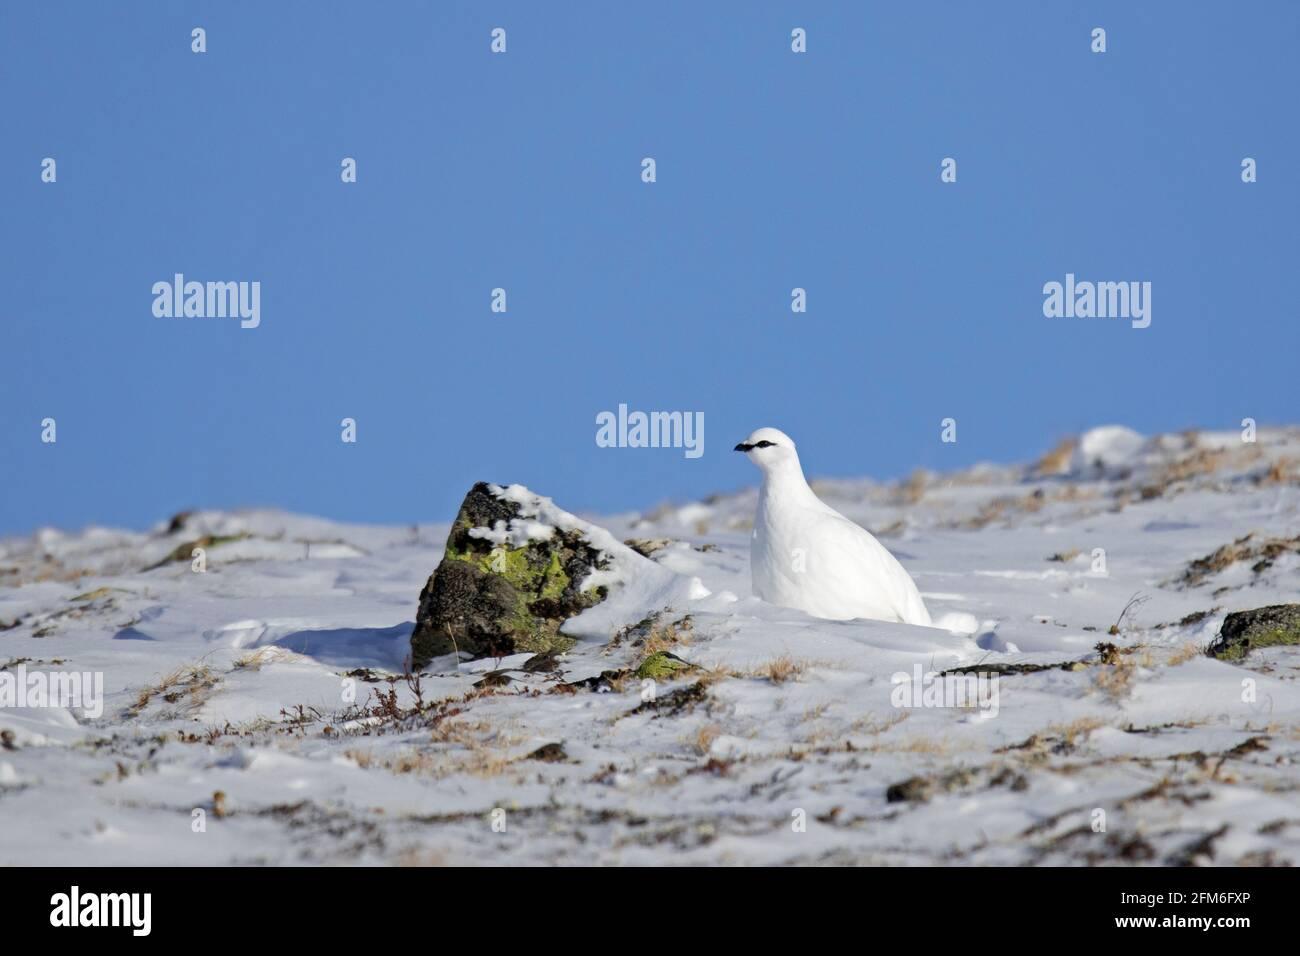 Lagopède de roche (Lagopus muta / Lagopus mutus) poule / femelle en plumage blanc d'hiver camouflé dans le neige sur la toundra Banque D'Images